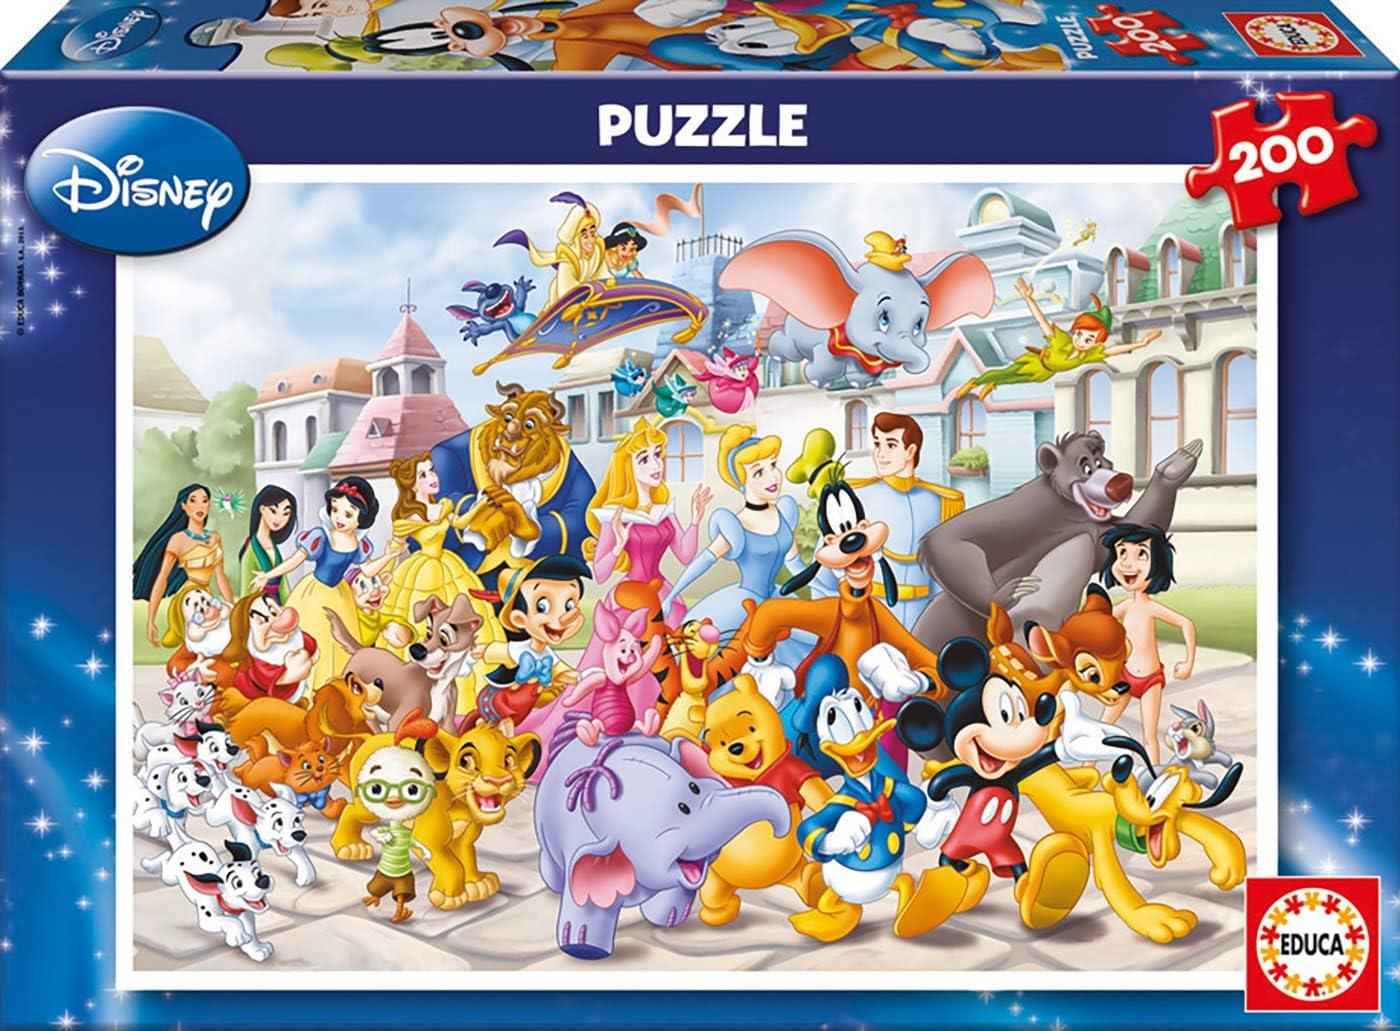 Educa- Desfile Disney Puzzle infantil de 200 piezas, a partir de 6 años (13289)